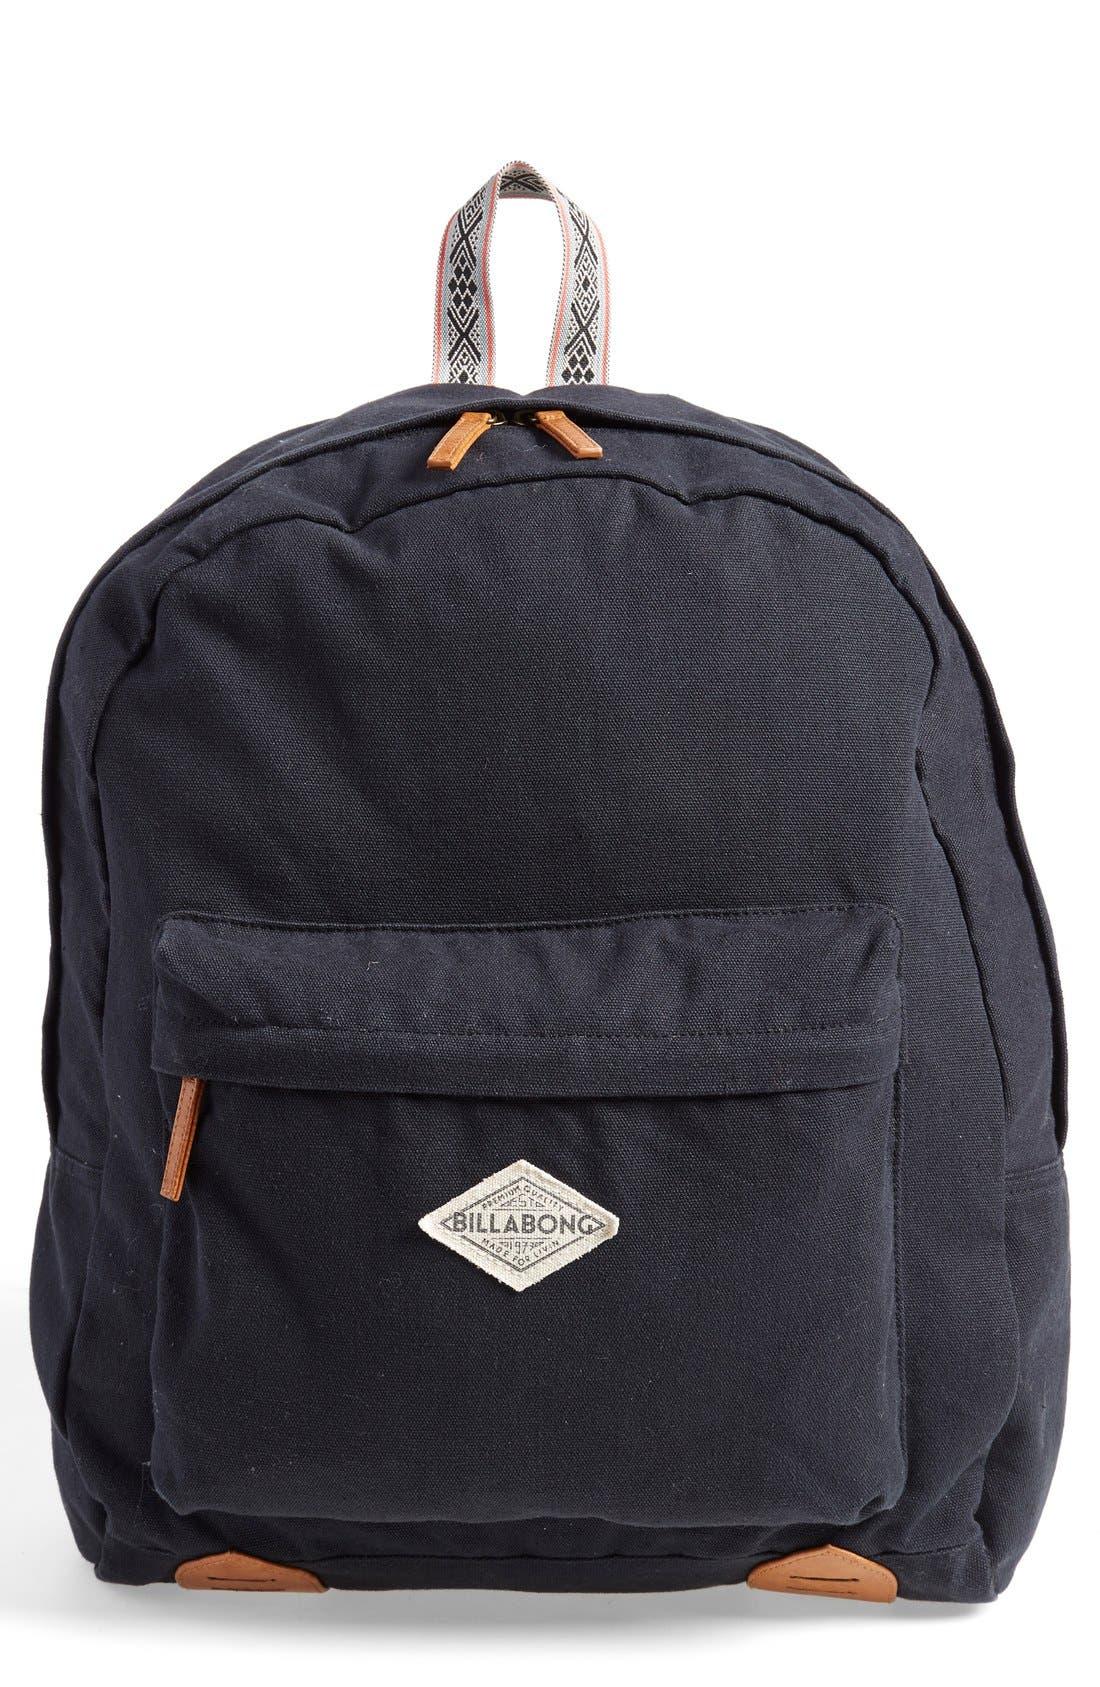 Alternate Image 1 Selected - Billabong 'Swept Summer' Backpack